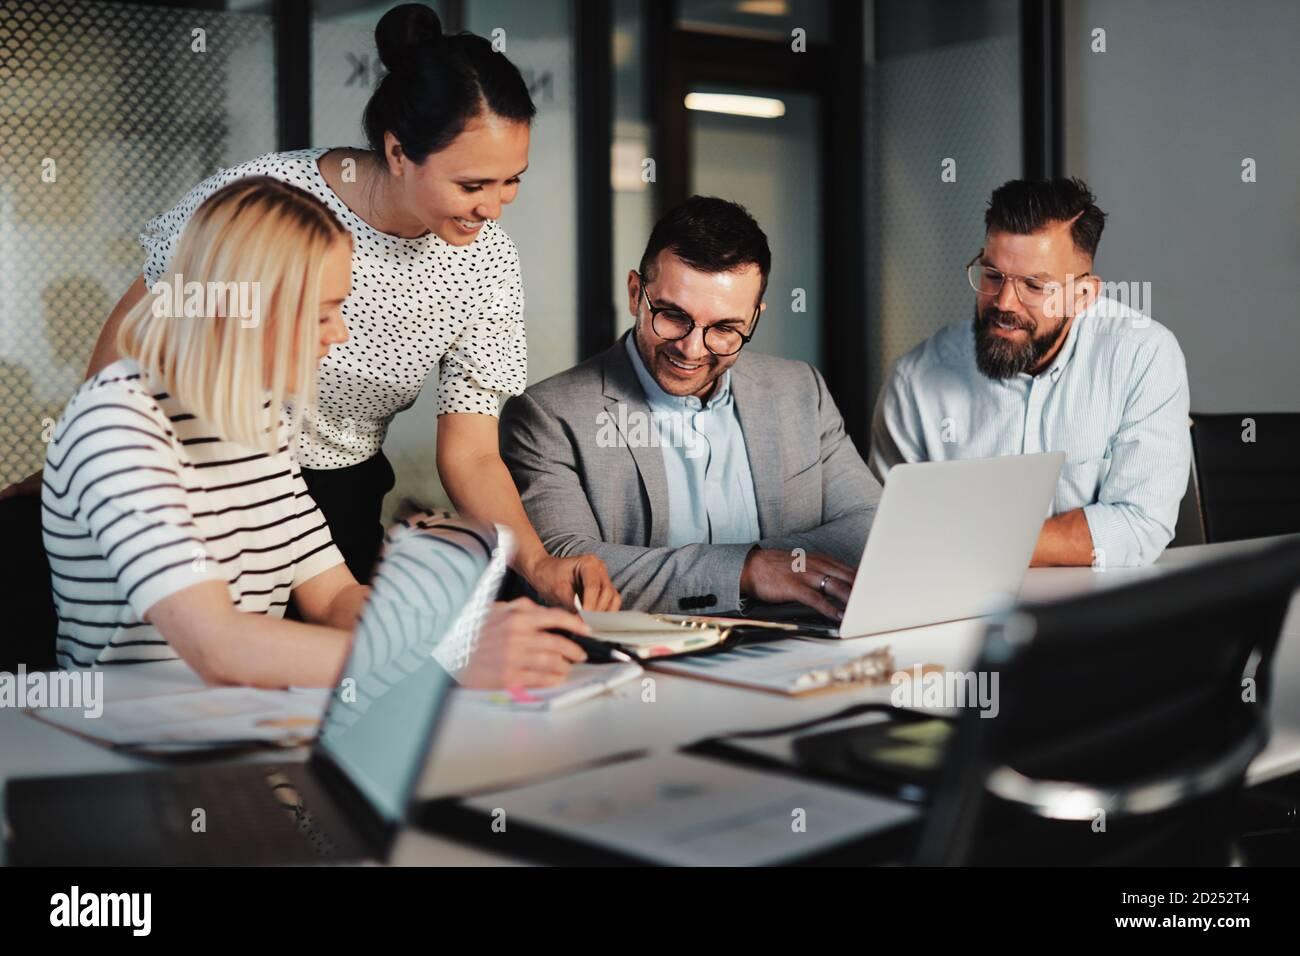 Un groupe souriant de gens d'affaires discutant ensemble à une table pendant une réunion dans une salle de réunion de bureau Banque D'Images